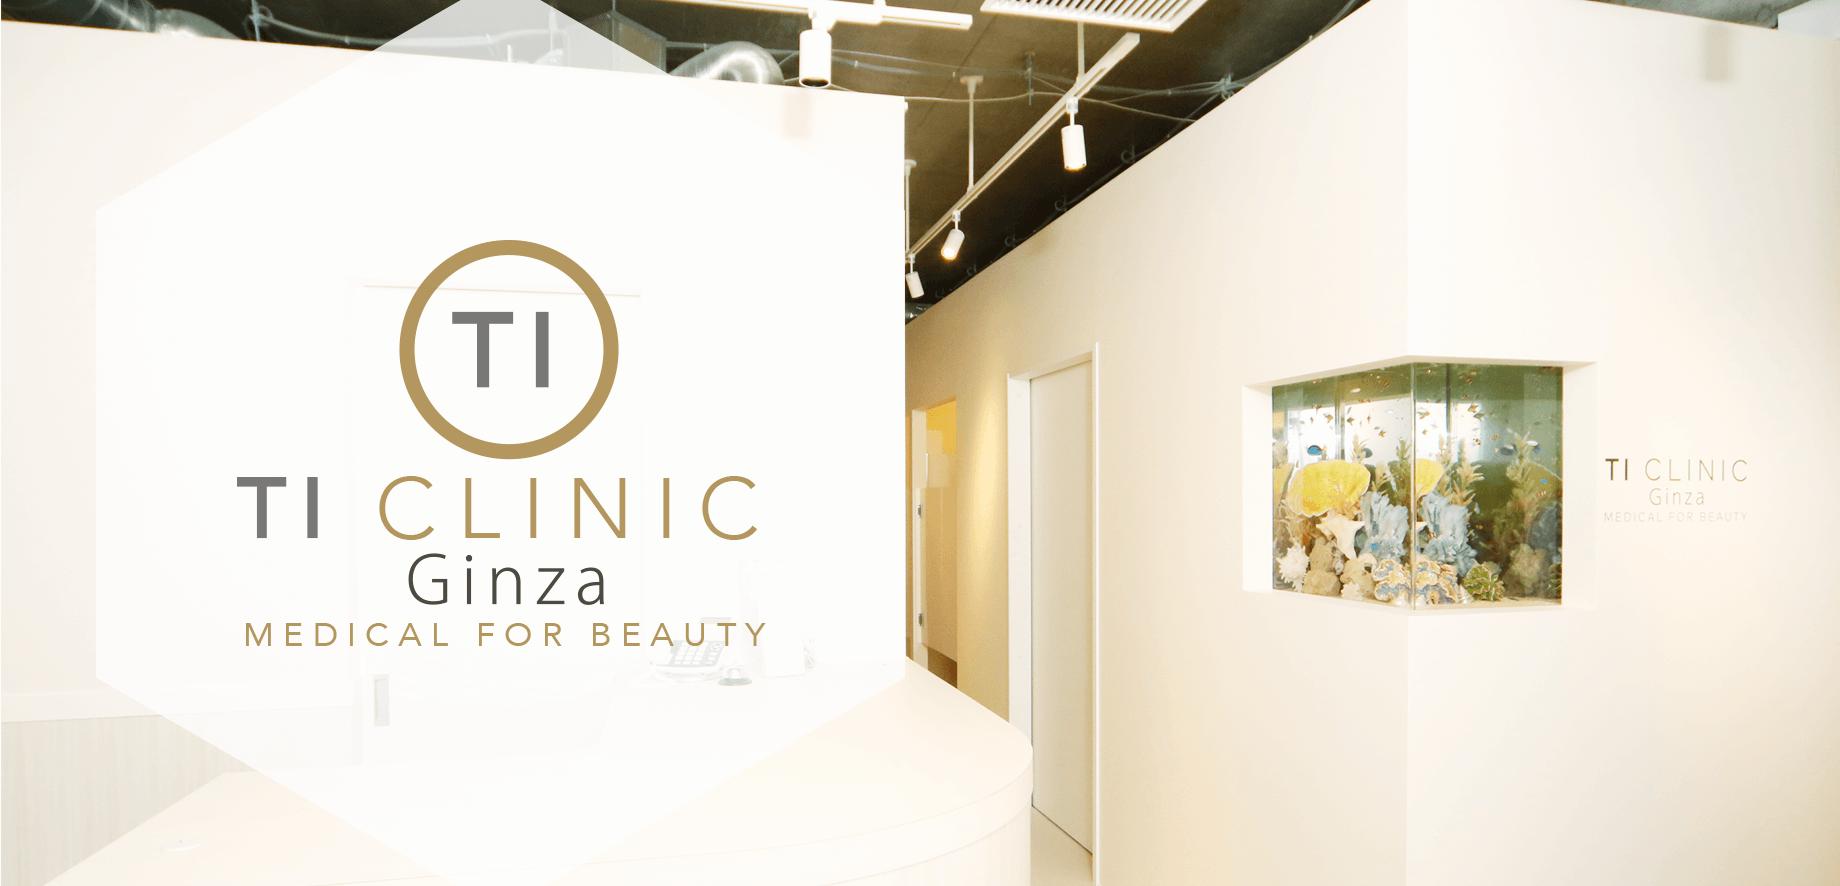 ティーアイクリニック銀座店 TI CLINIC GINZA MEDICAL FOR BEAUTY